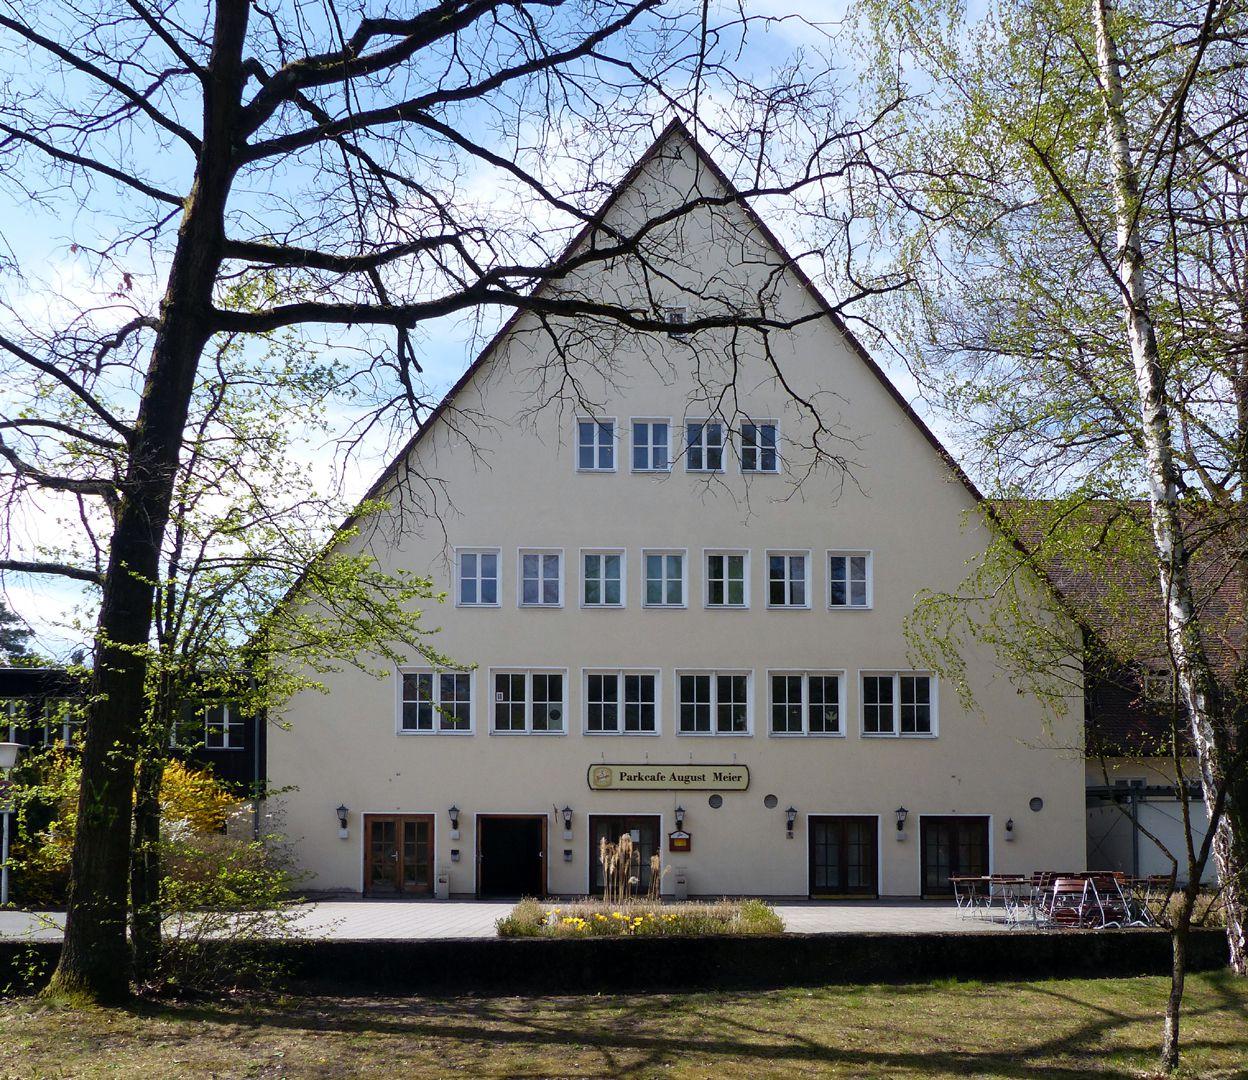 Arbeiterunterkünfte (heute August-Meier-Siedlung) Haupthaus mit Ess- und Festsaal